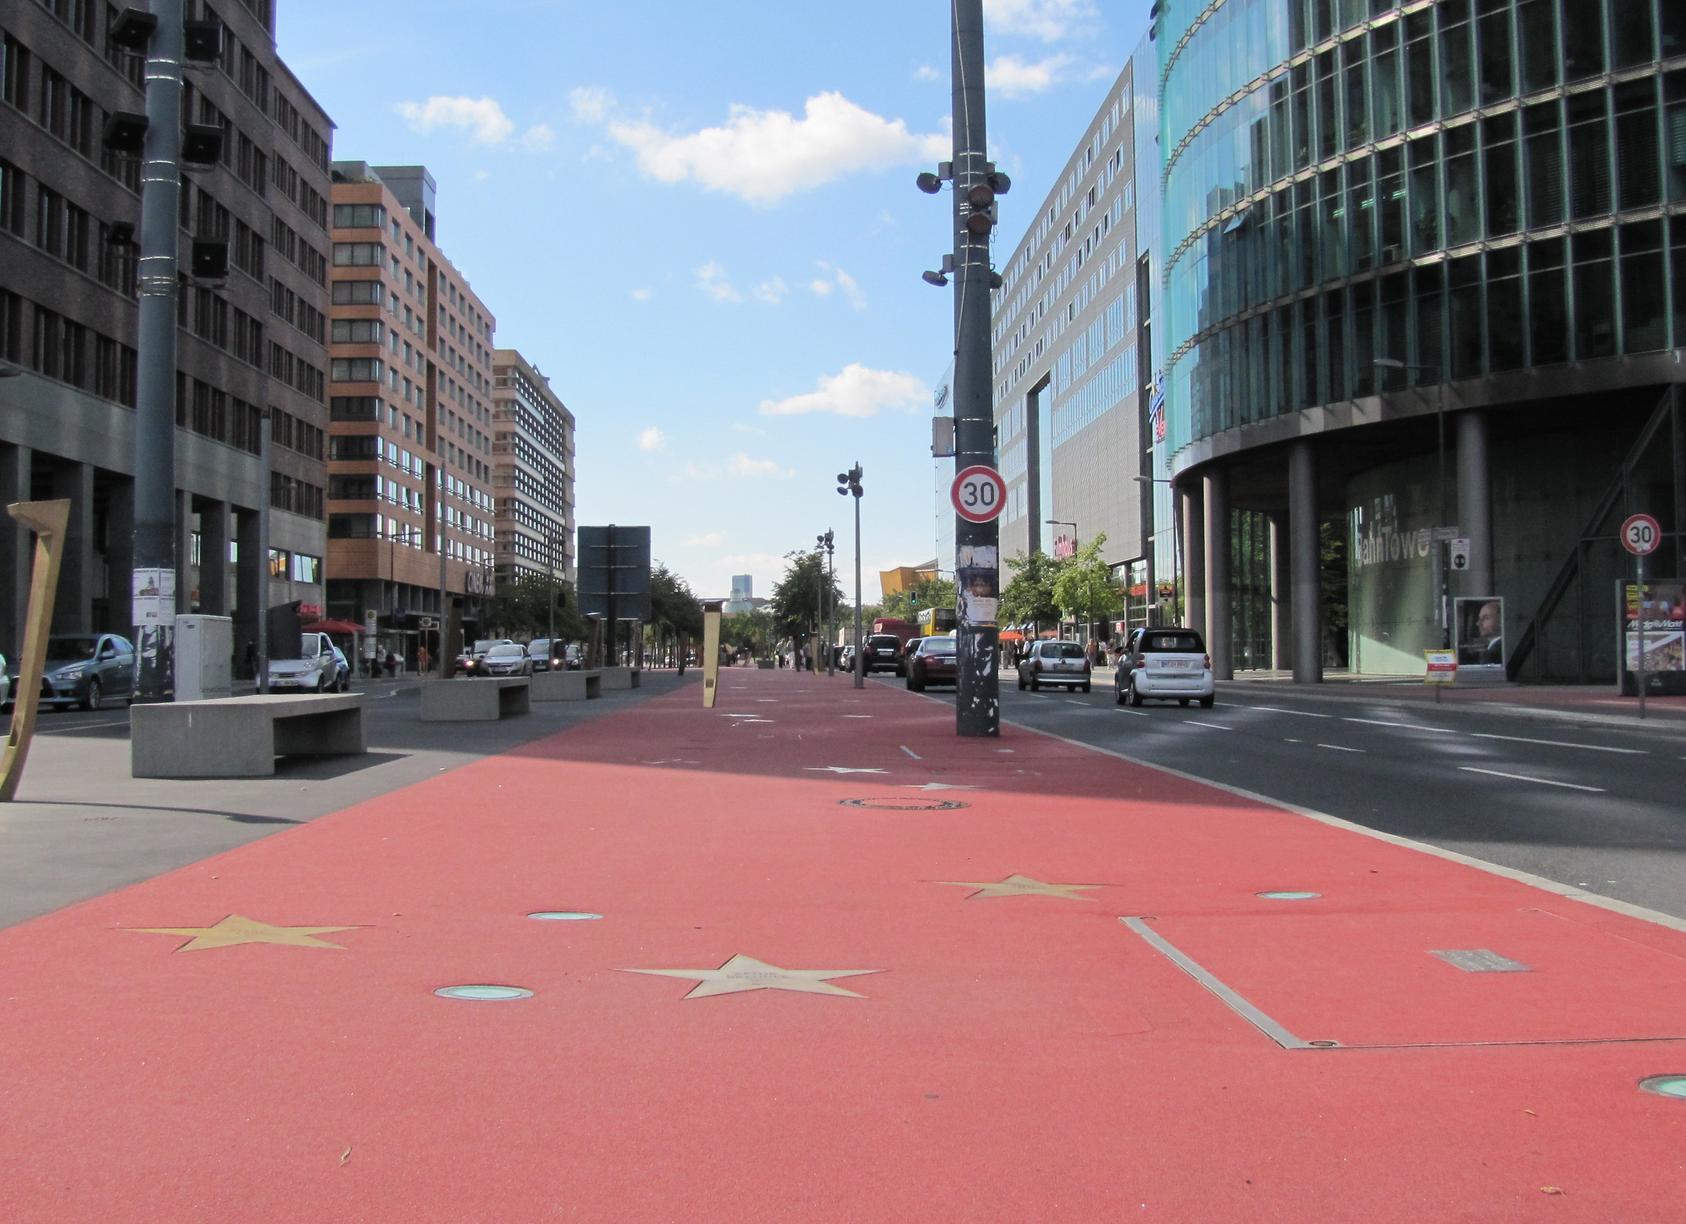 Boulevard der stars 1